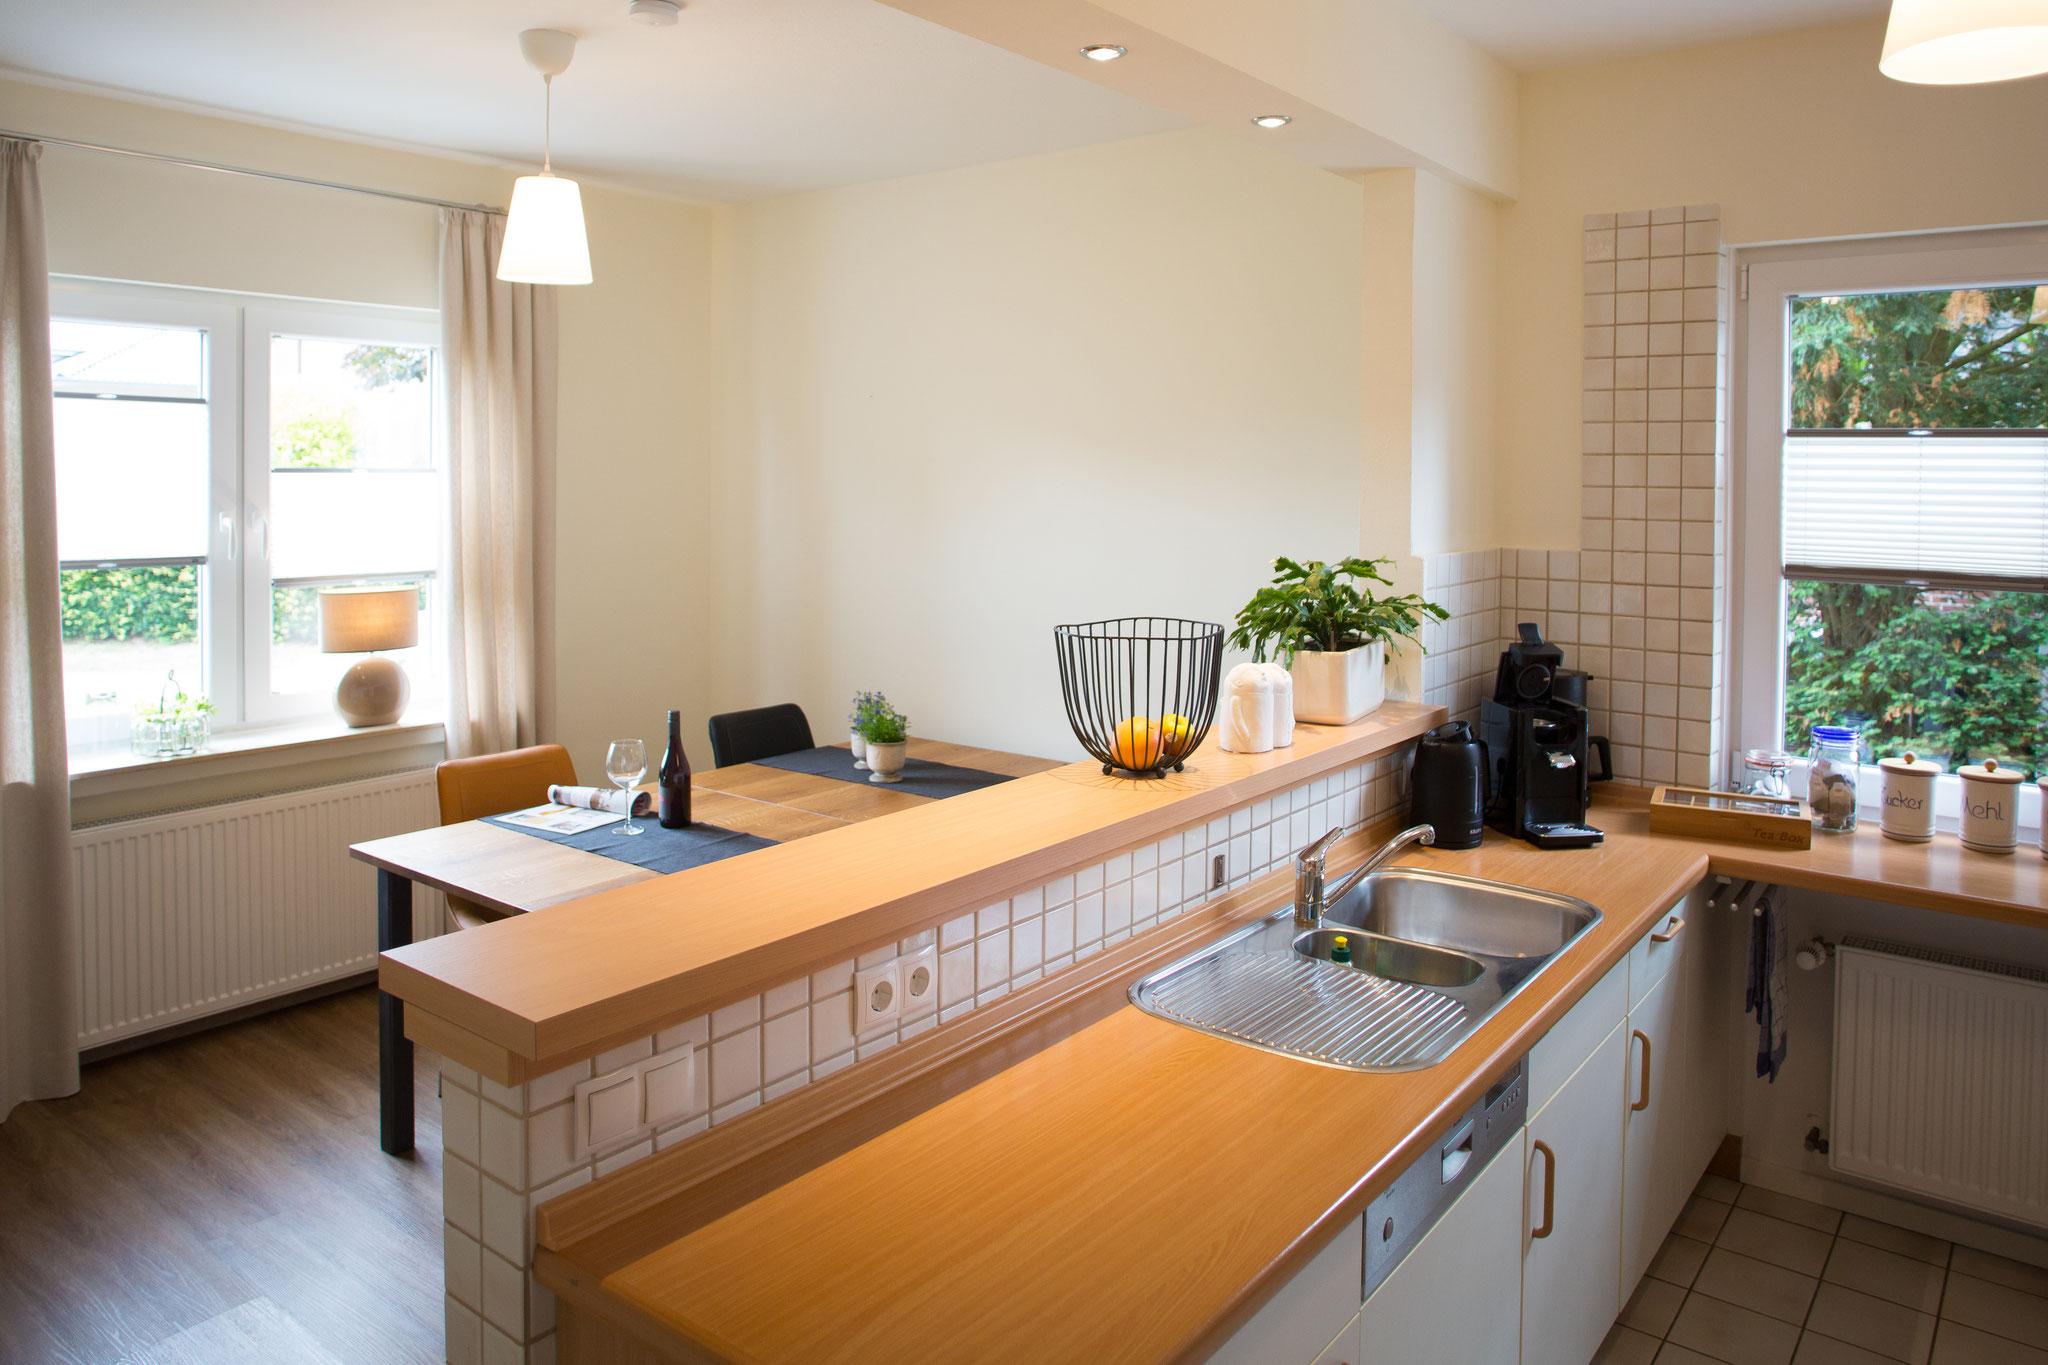 Küche mit Blick ins Eszimmer